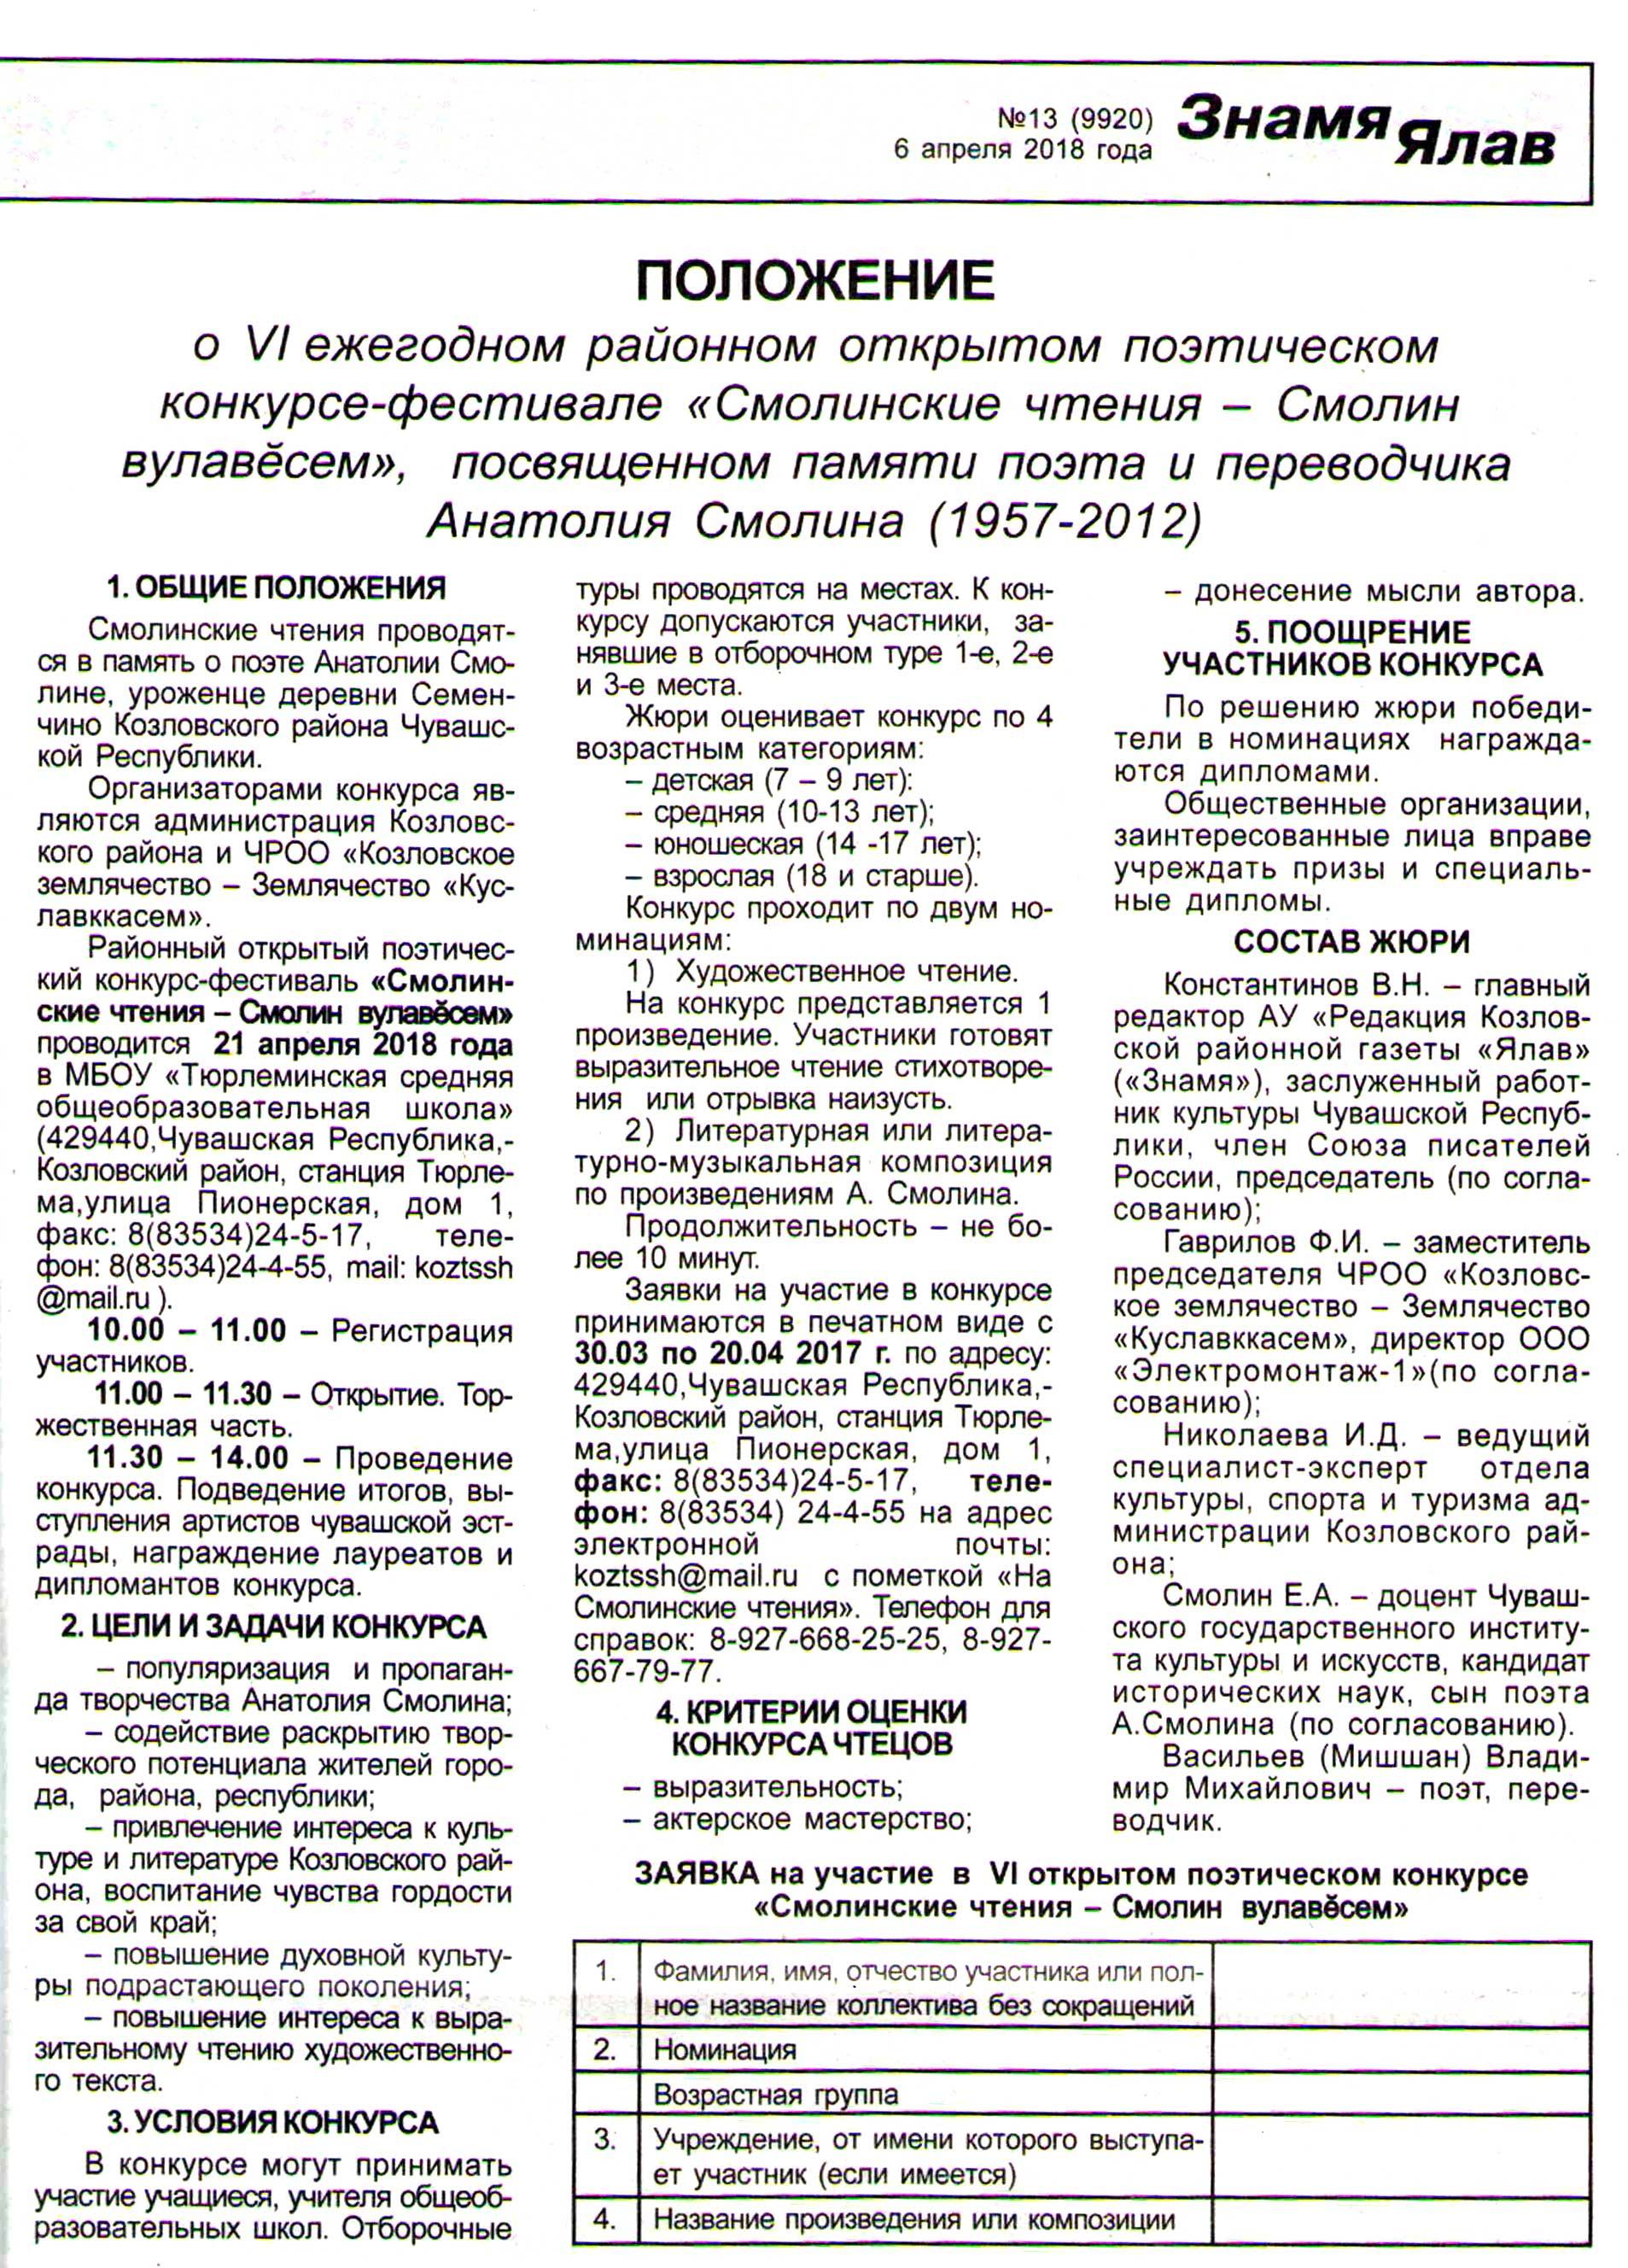 """Положение о VI ежегодном районном открытом поэтическом конкурсе-фестивале """"Смолинские чтения"""""""